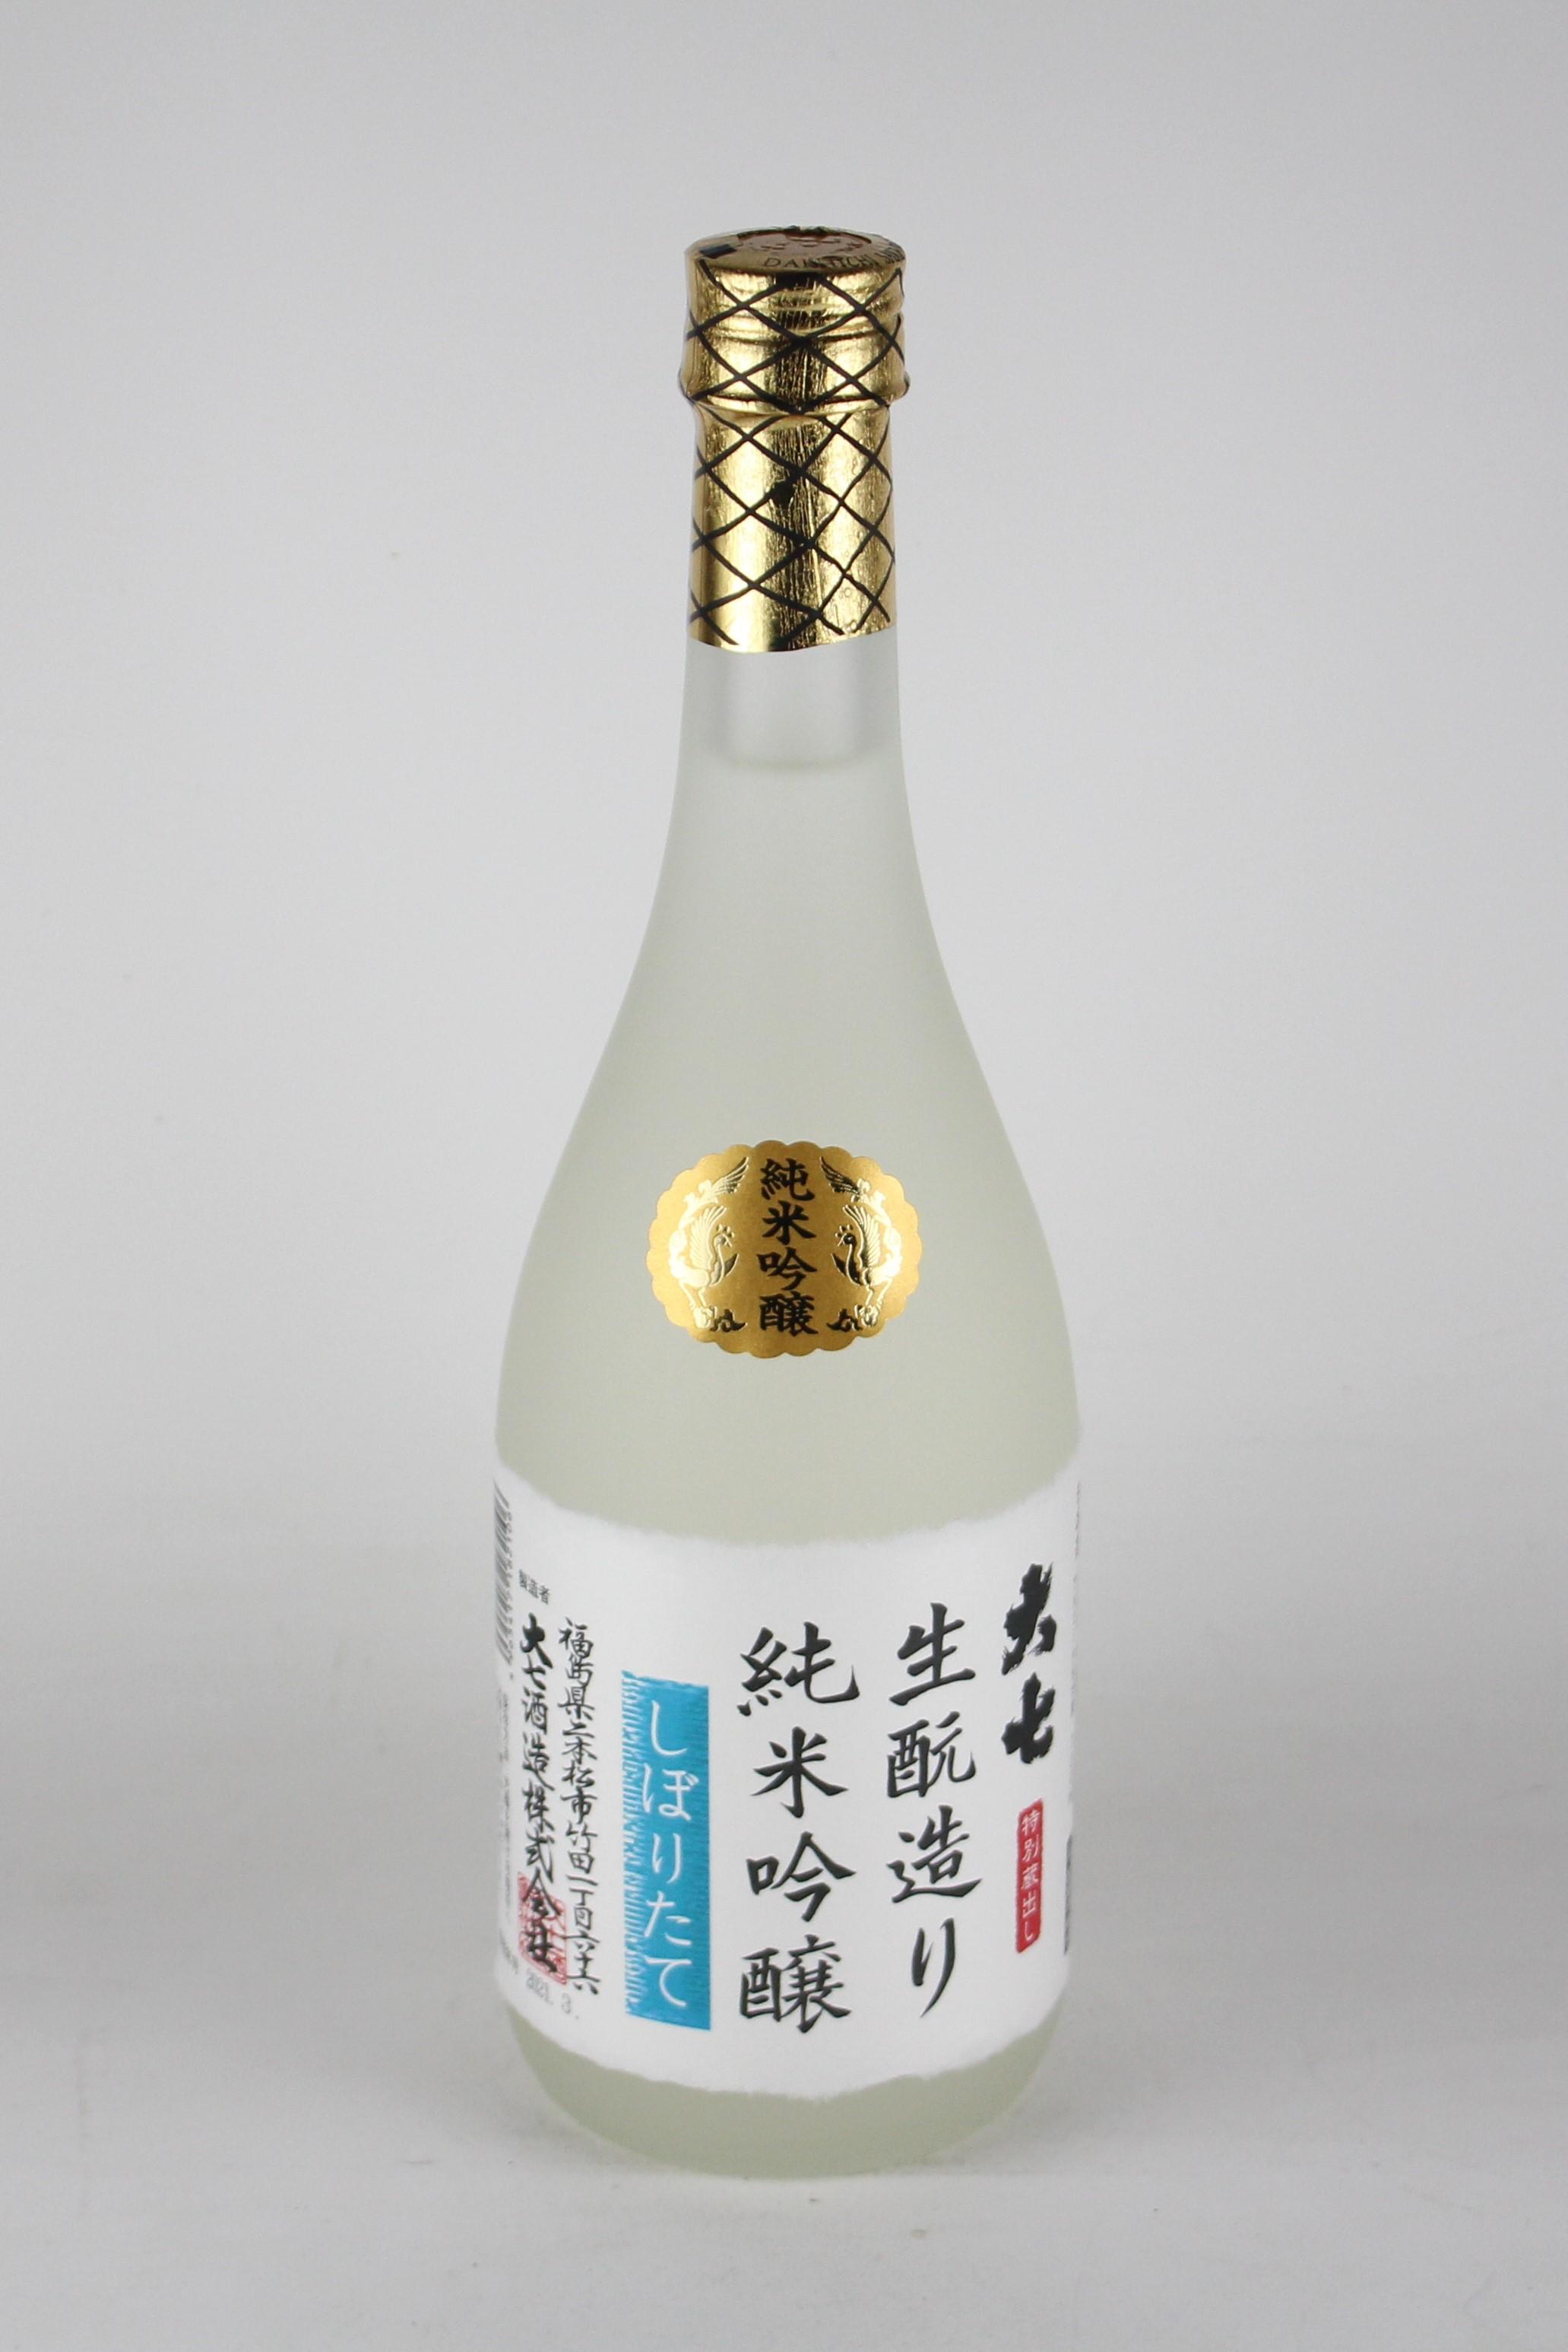 大七 きもと純米吟醸 しぼりたて 720ml 【福島/大七酒造】蔵出限定1020本